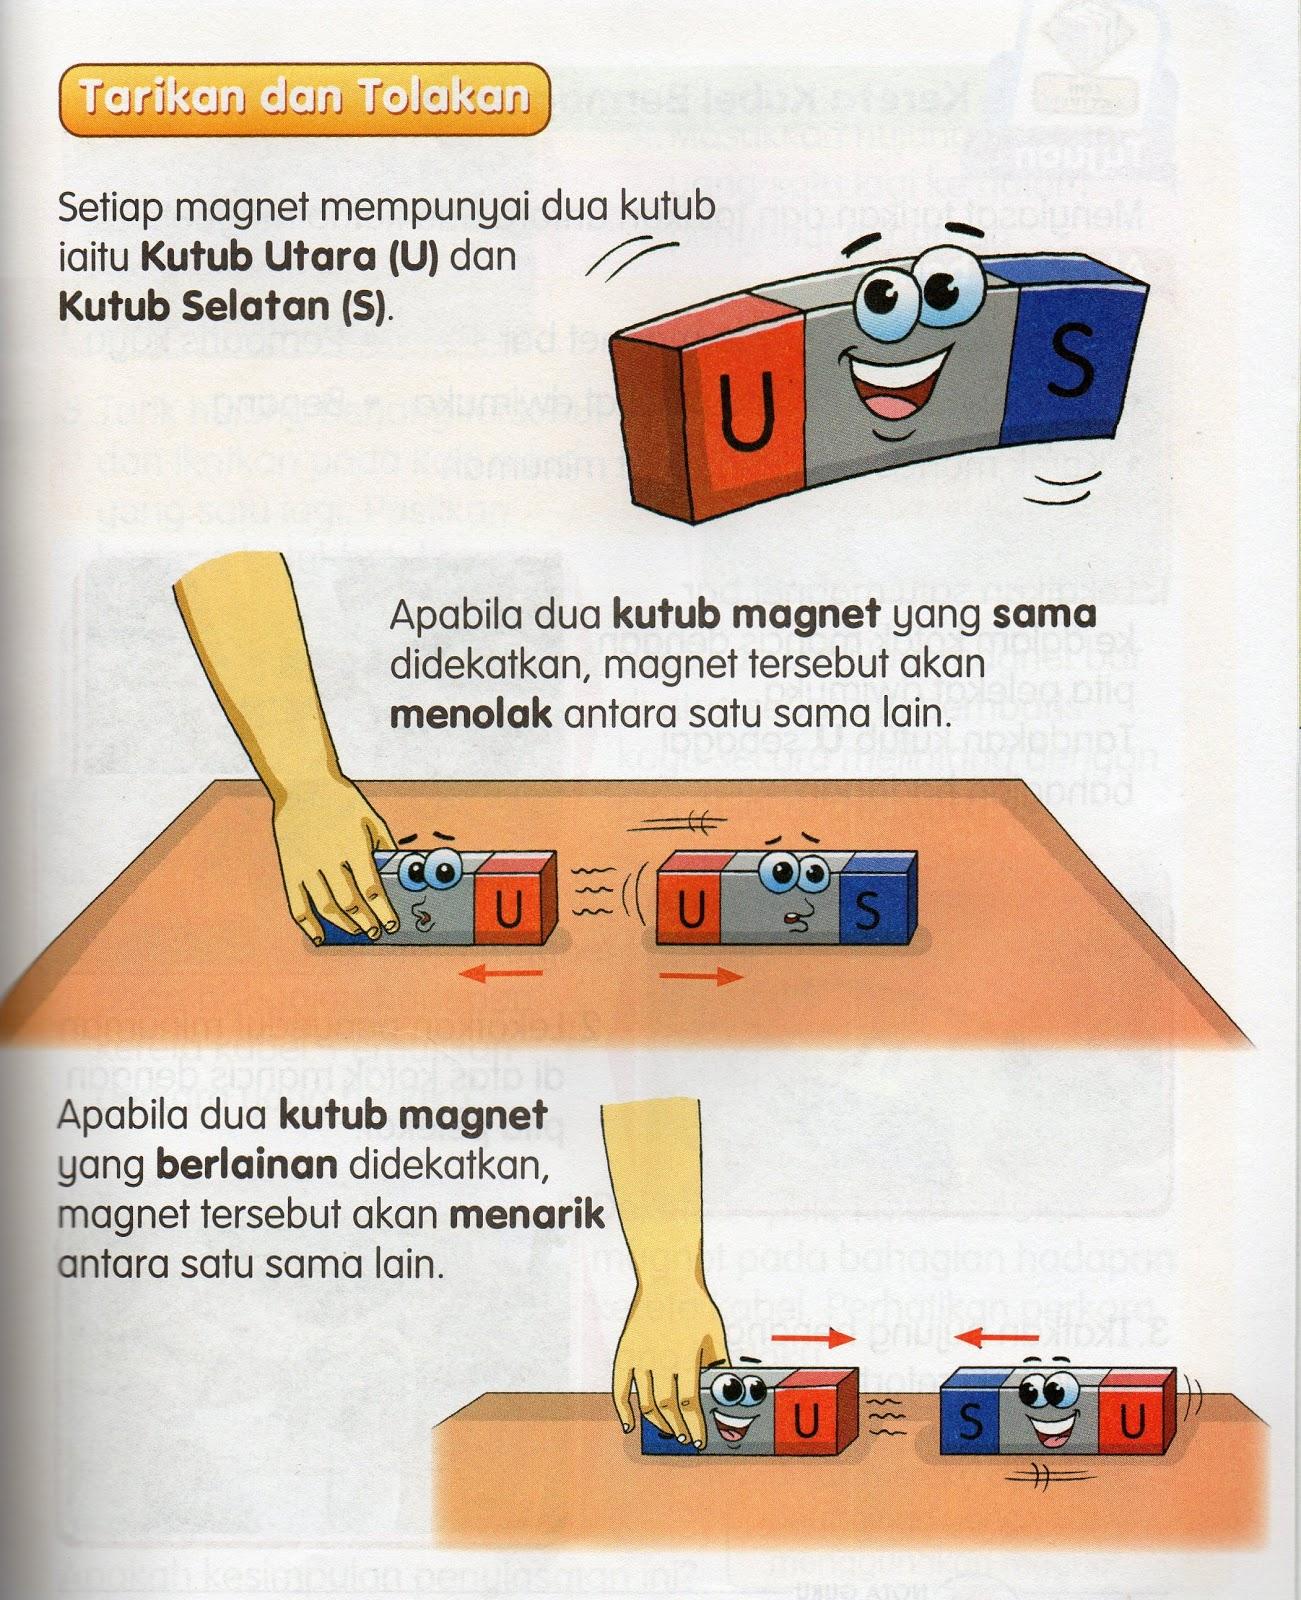 Kegunaan Magnet Pada Kompas Siti